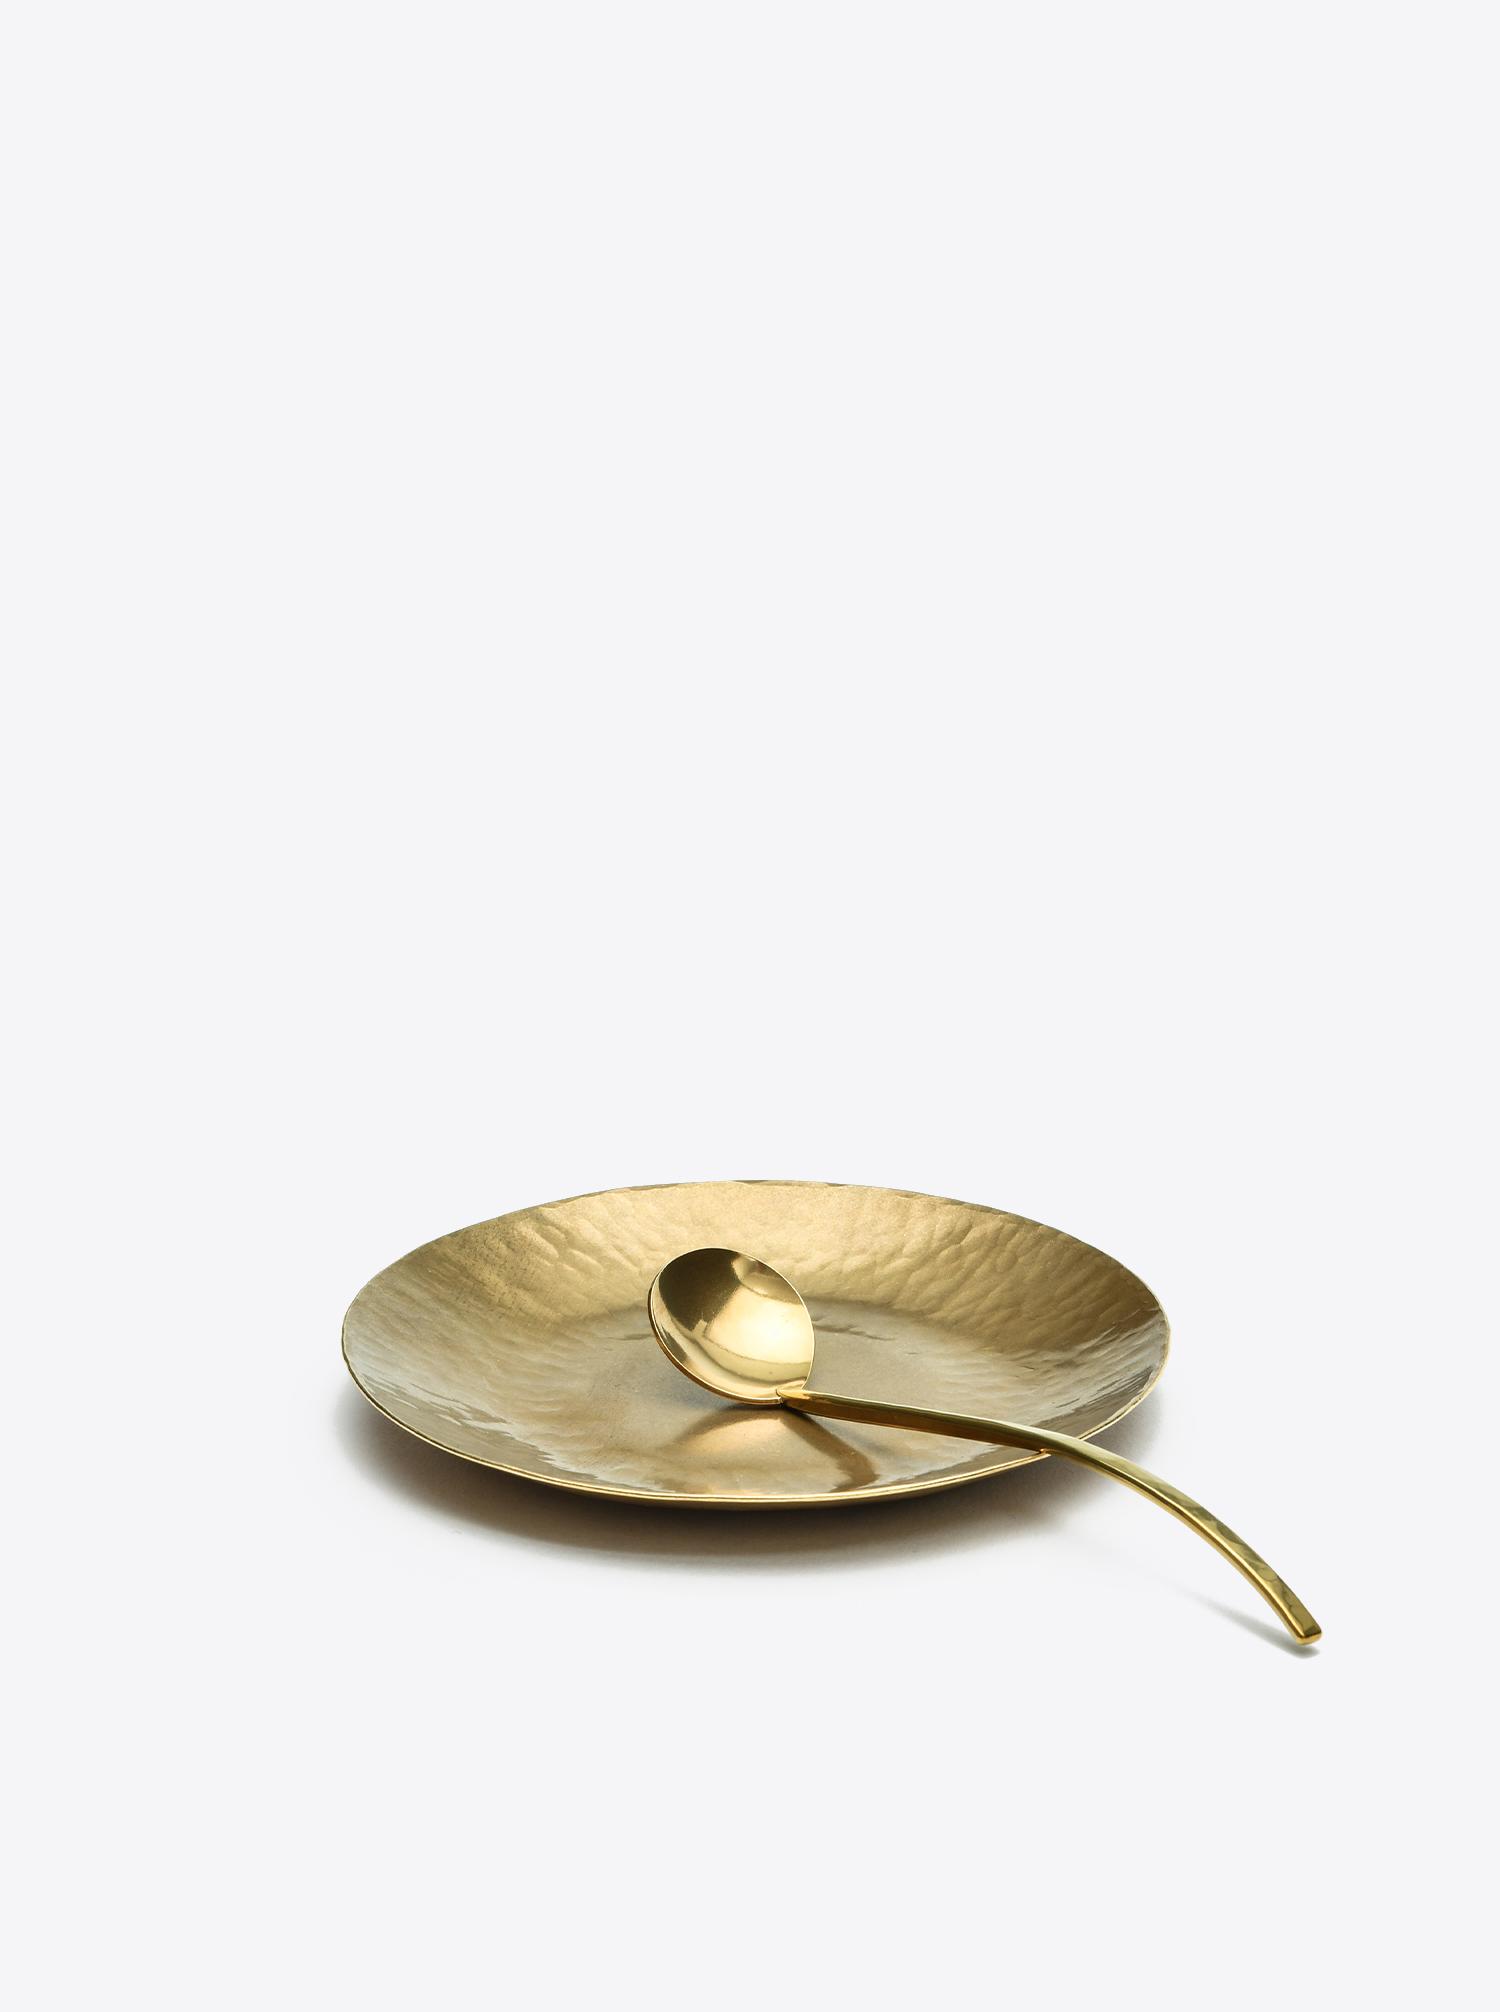 Plate Brass D12